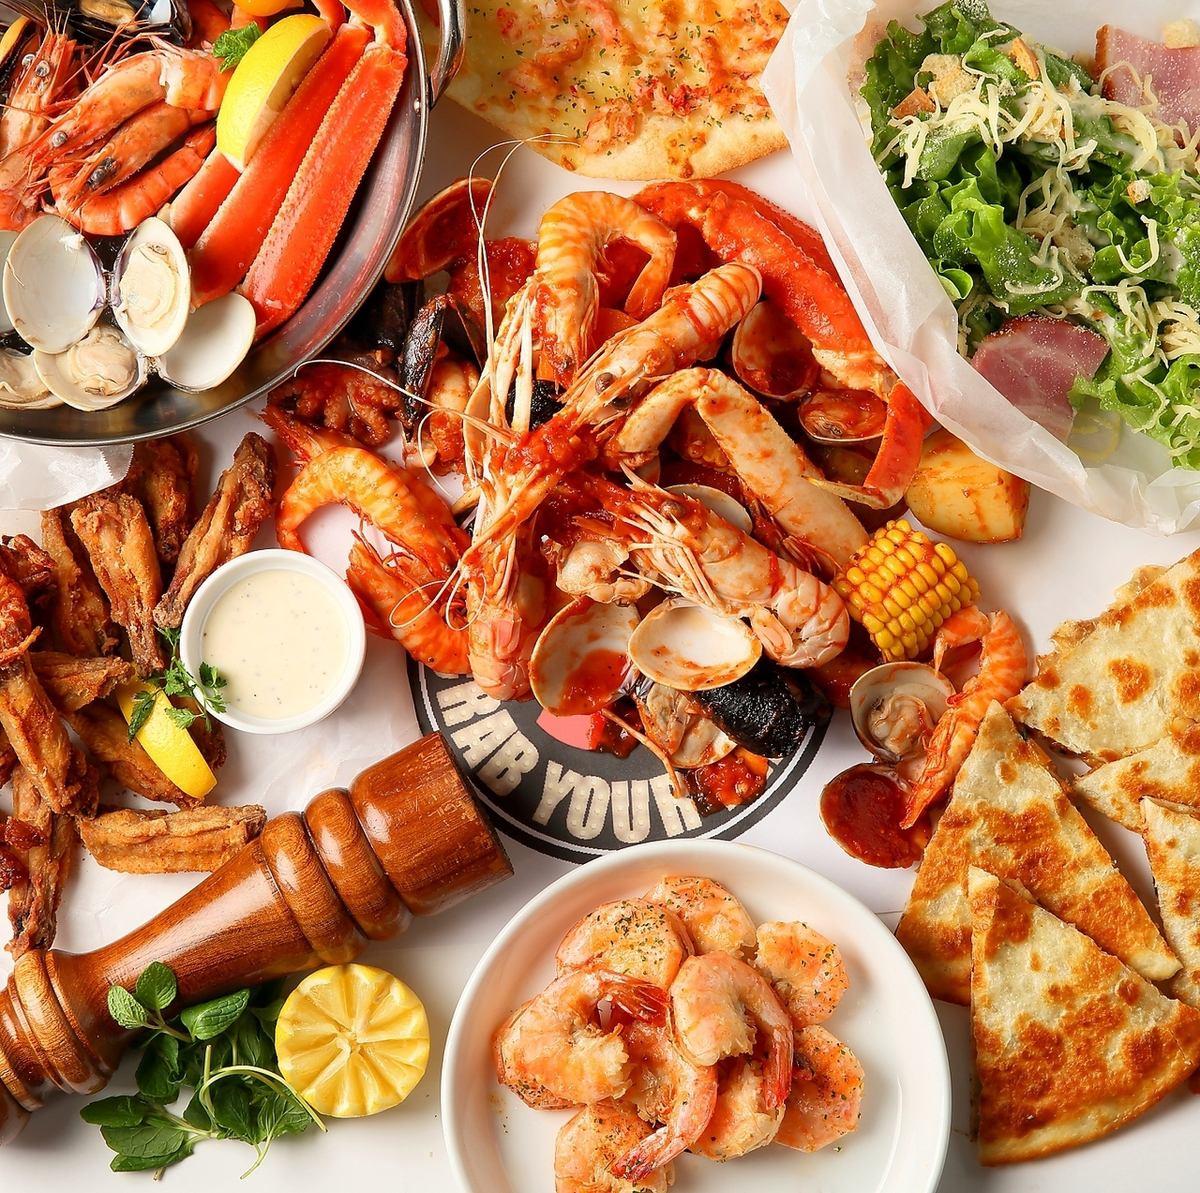 점심도 영업 ★ 해산물을 즐길 수있는 신감각 엔터테인먼트 레스토랑!